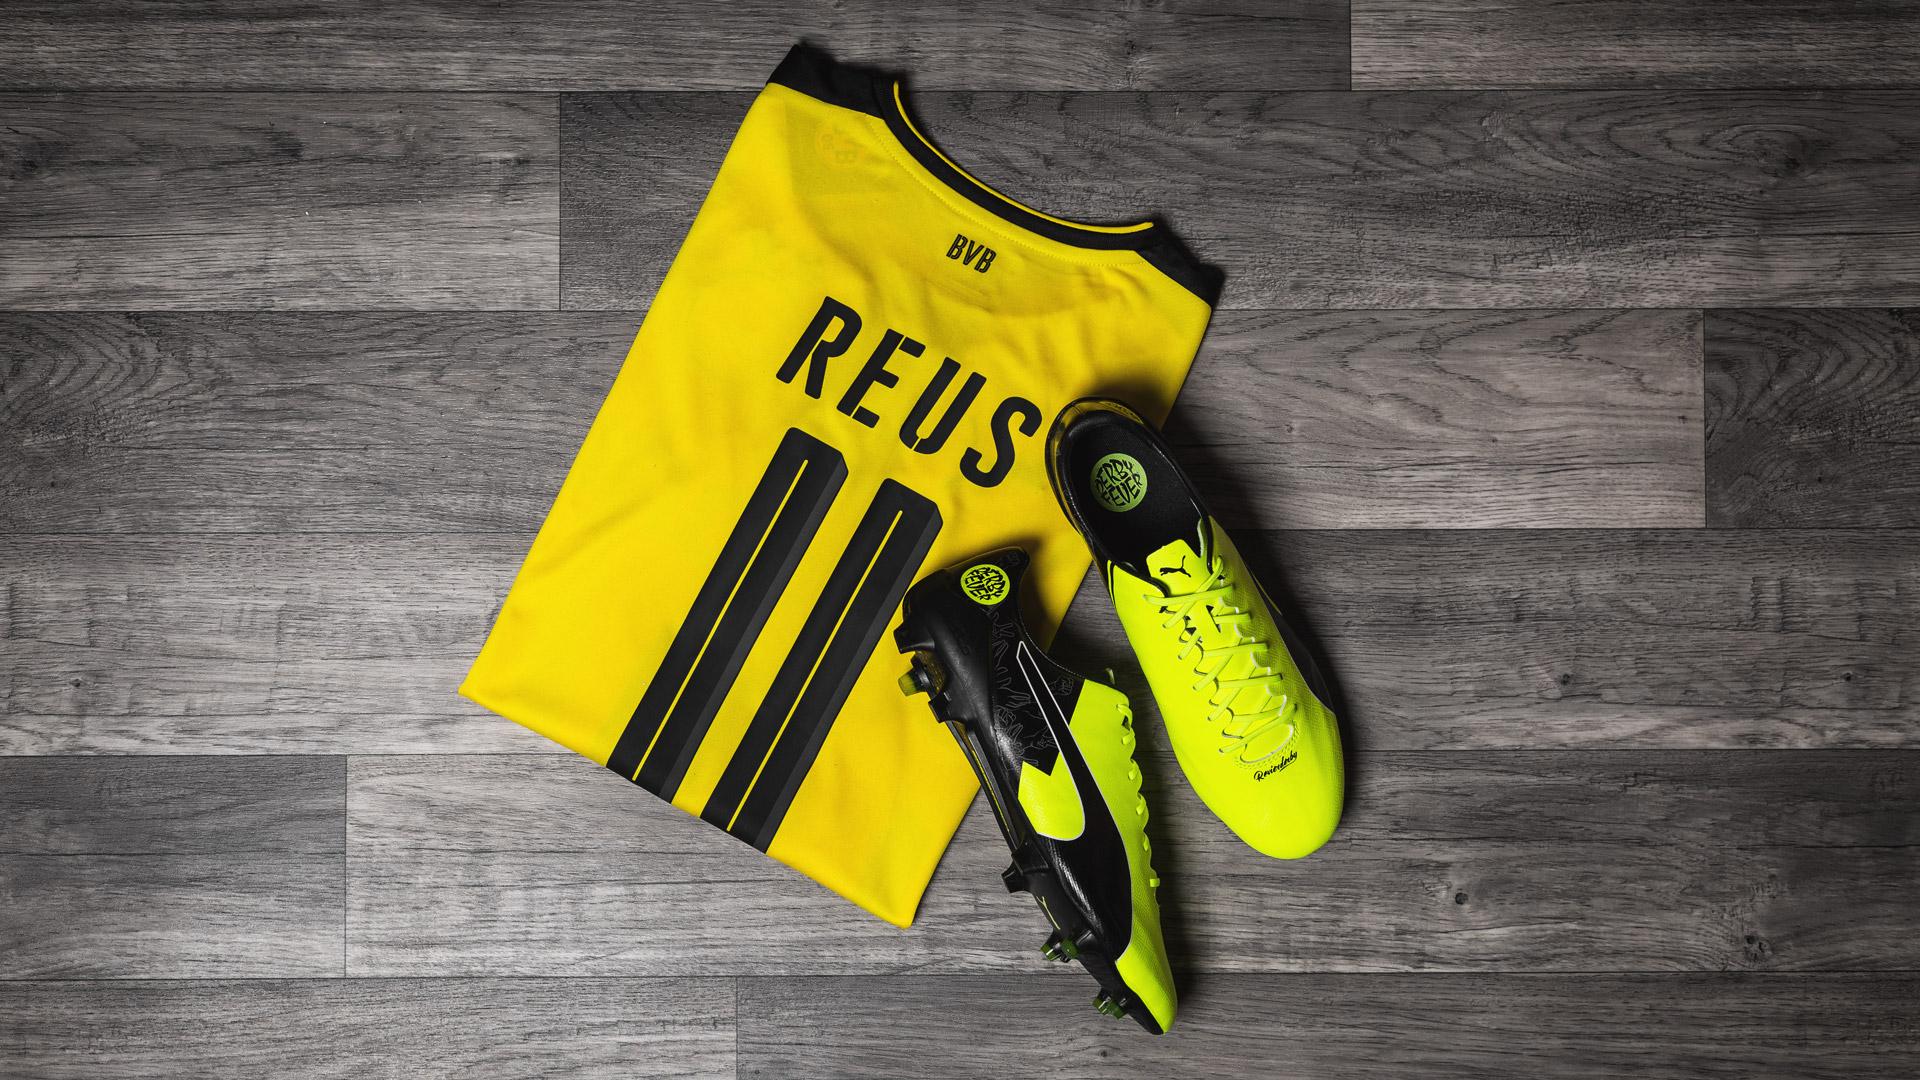 Für Reus & Dortmund | PUMA evoSPEED 17 SL S 'Derby Fever' |